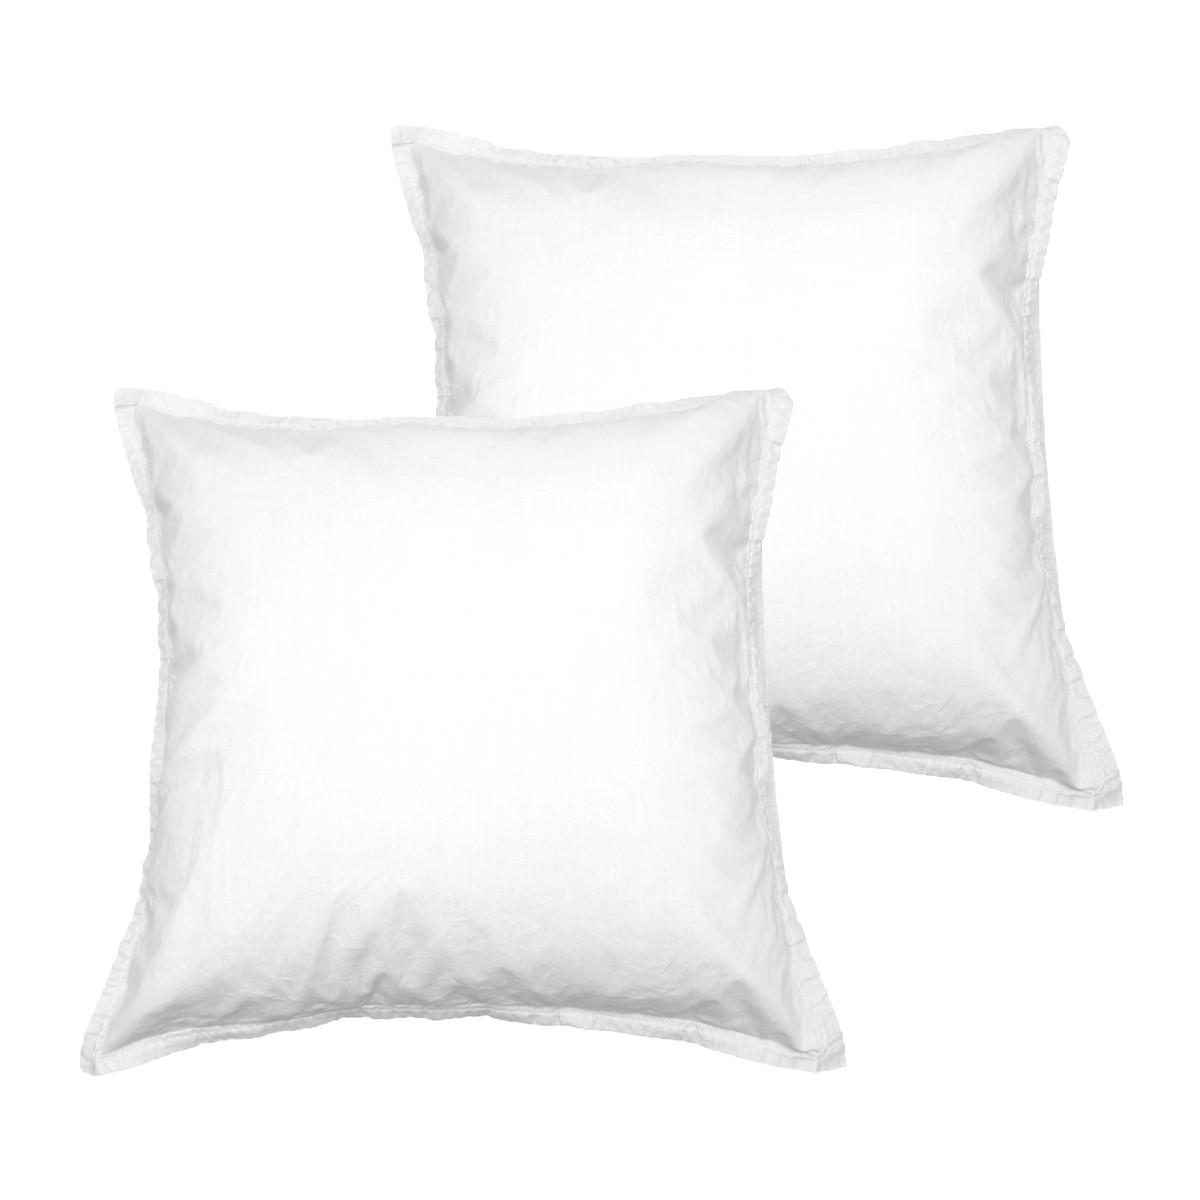 Lot de 2 taies d'oreiller en coton Blanc 65x65 cm